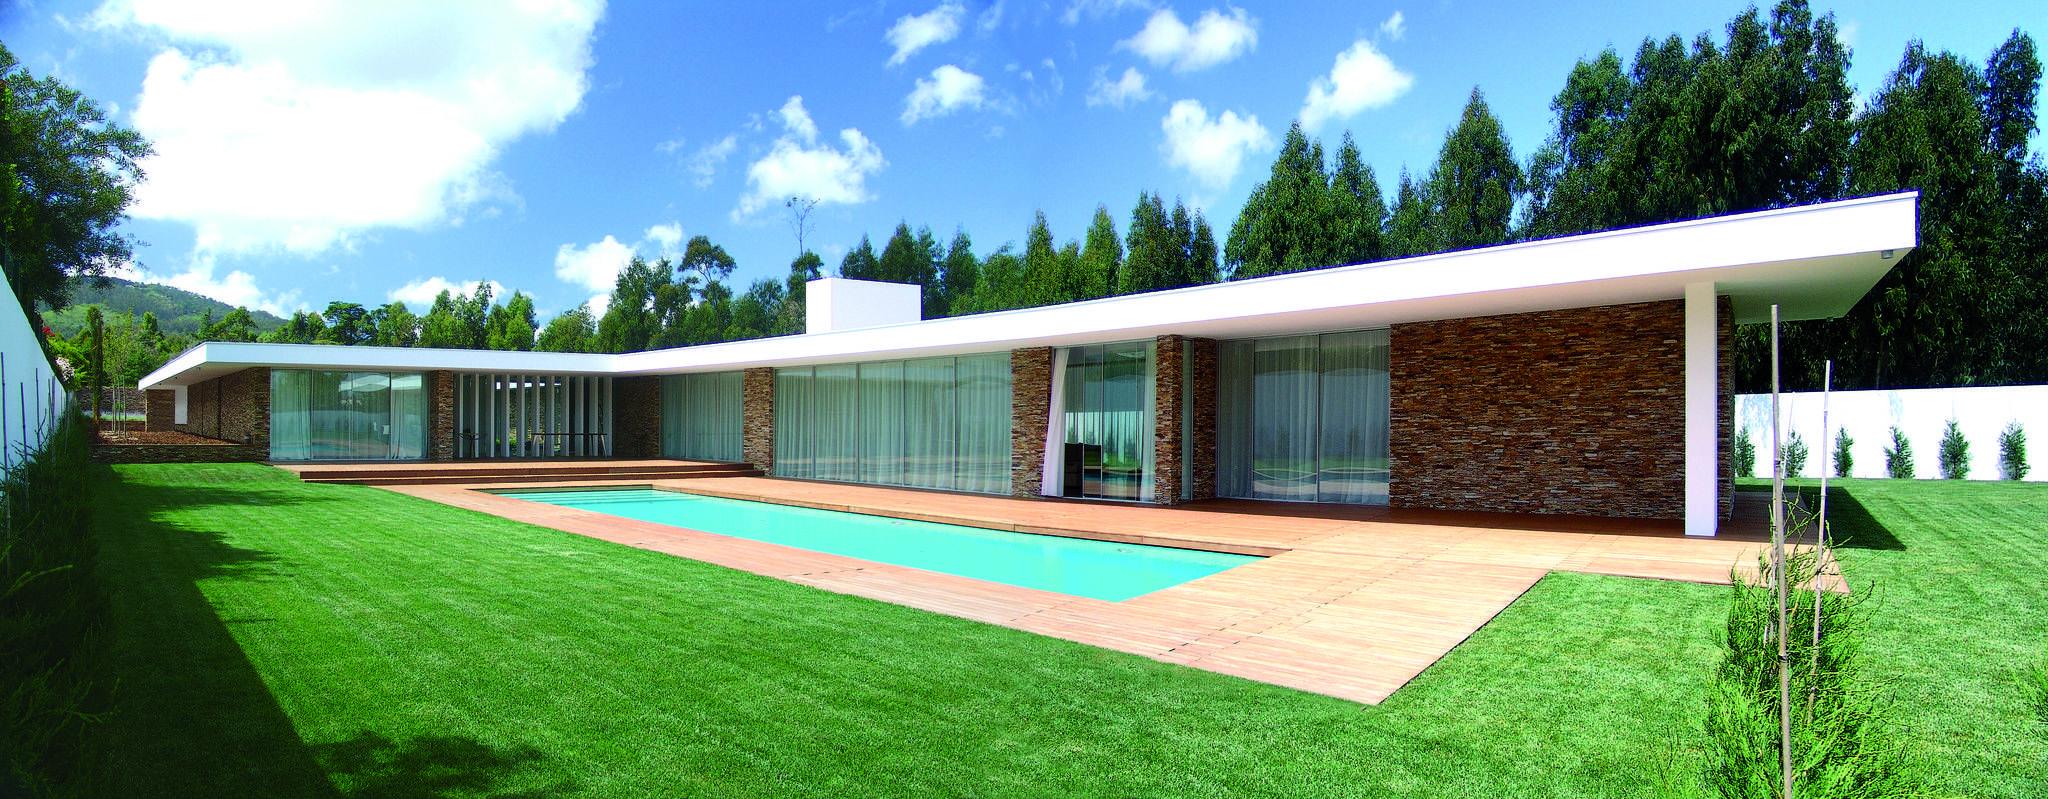 Vista da casa e piscina : Casas modernas por A.As, Arquitectos Associados, Lda